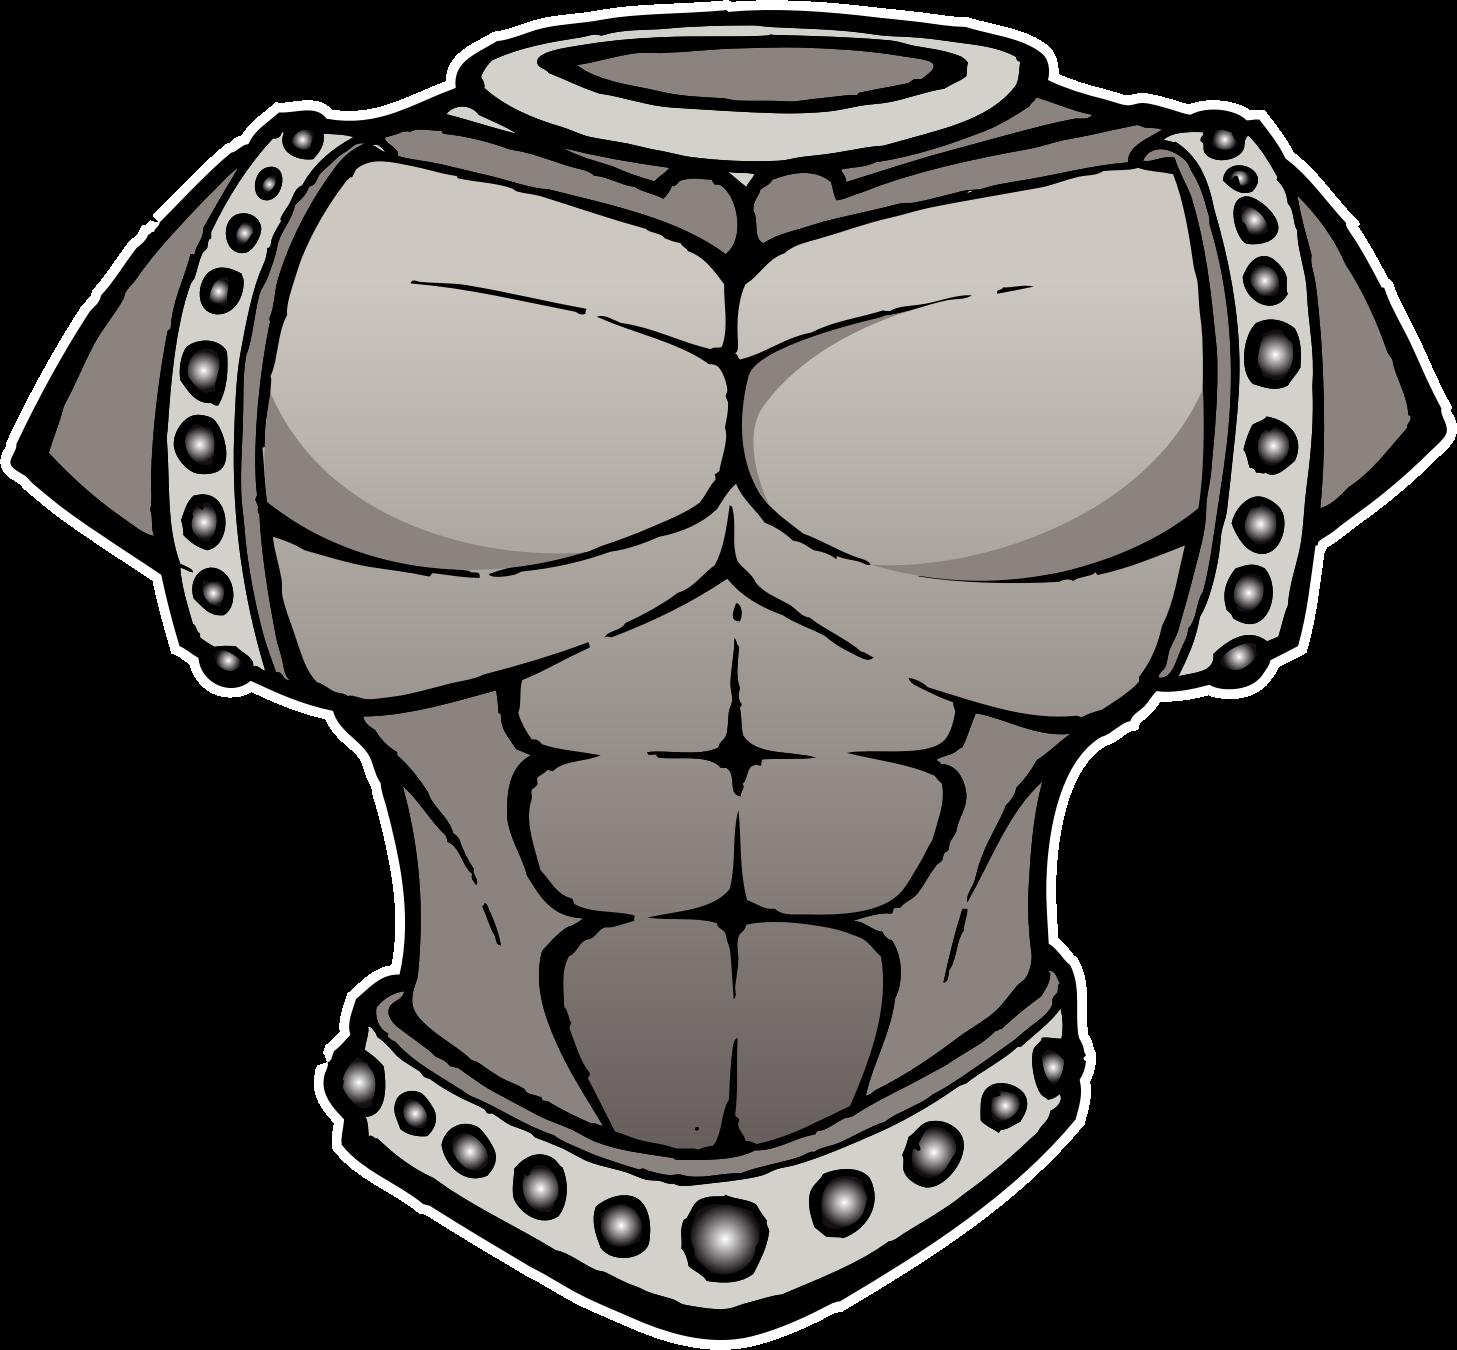 Armor Clipart.